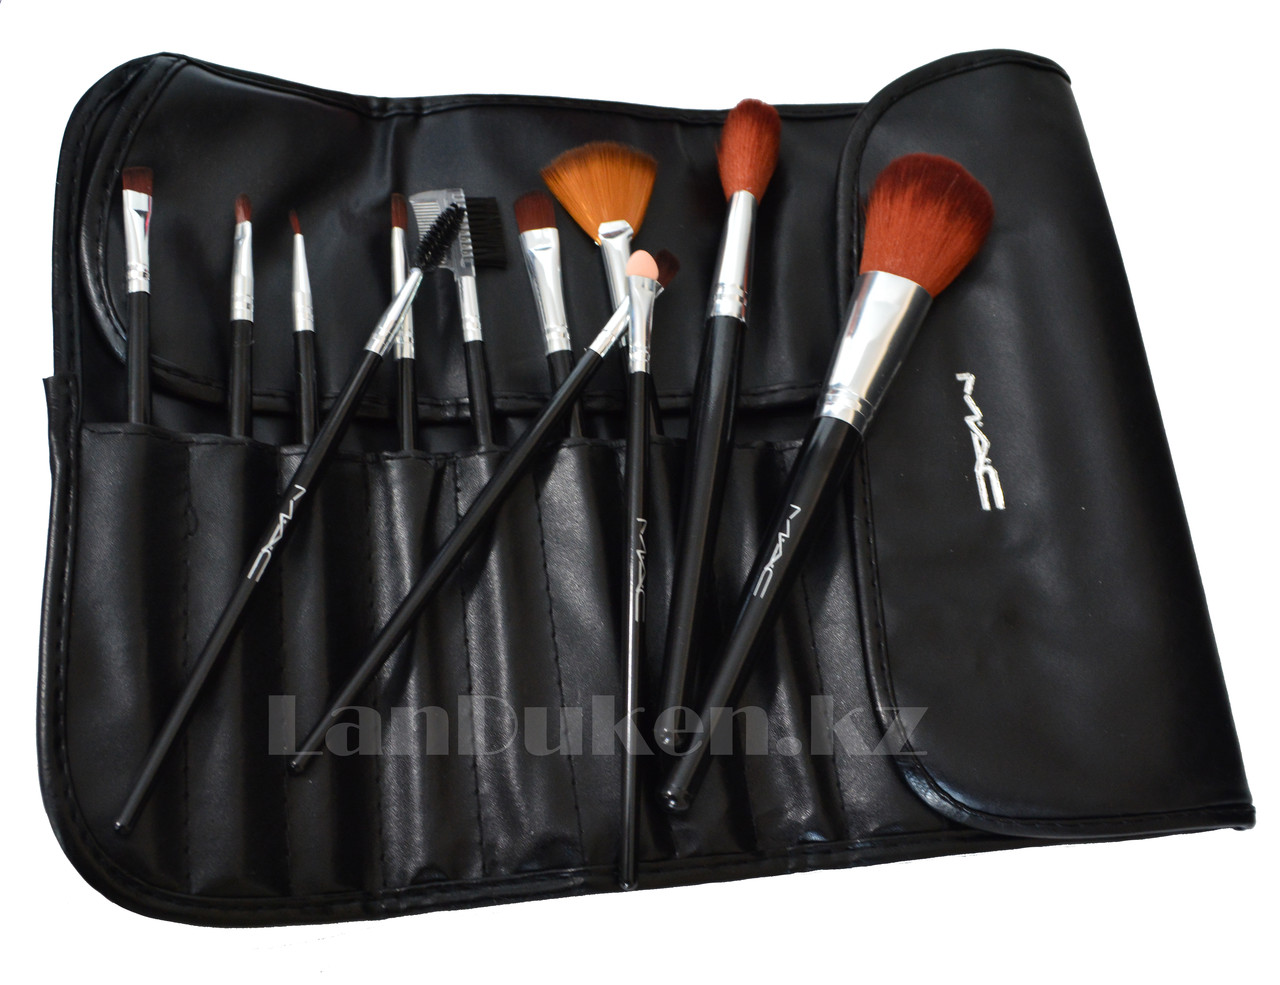 Кисти для макияжа MAC в чехле, набор для макияжа (12 штук)